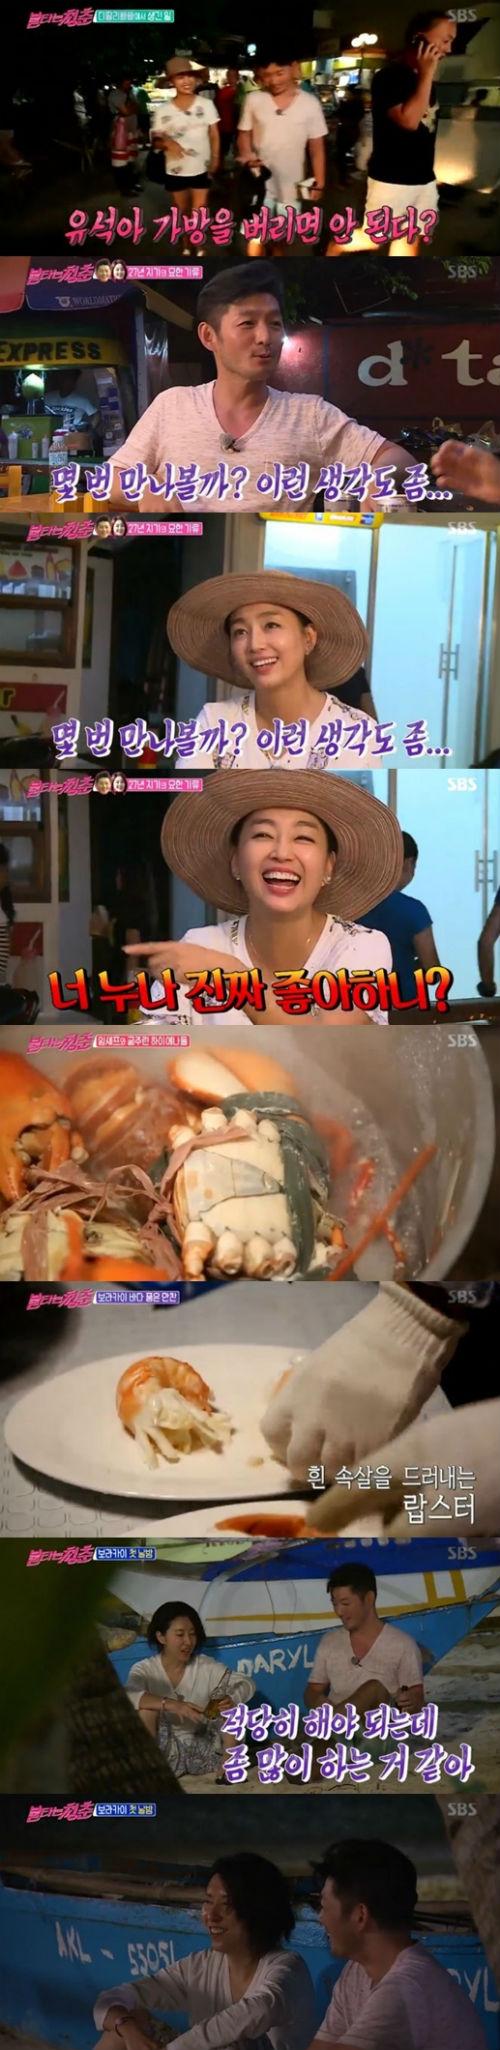 '불타는 청춘' 시청률, 동시간대 1위 차지…러브라인 덕분?